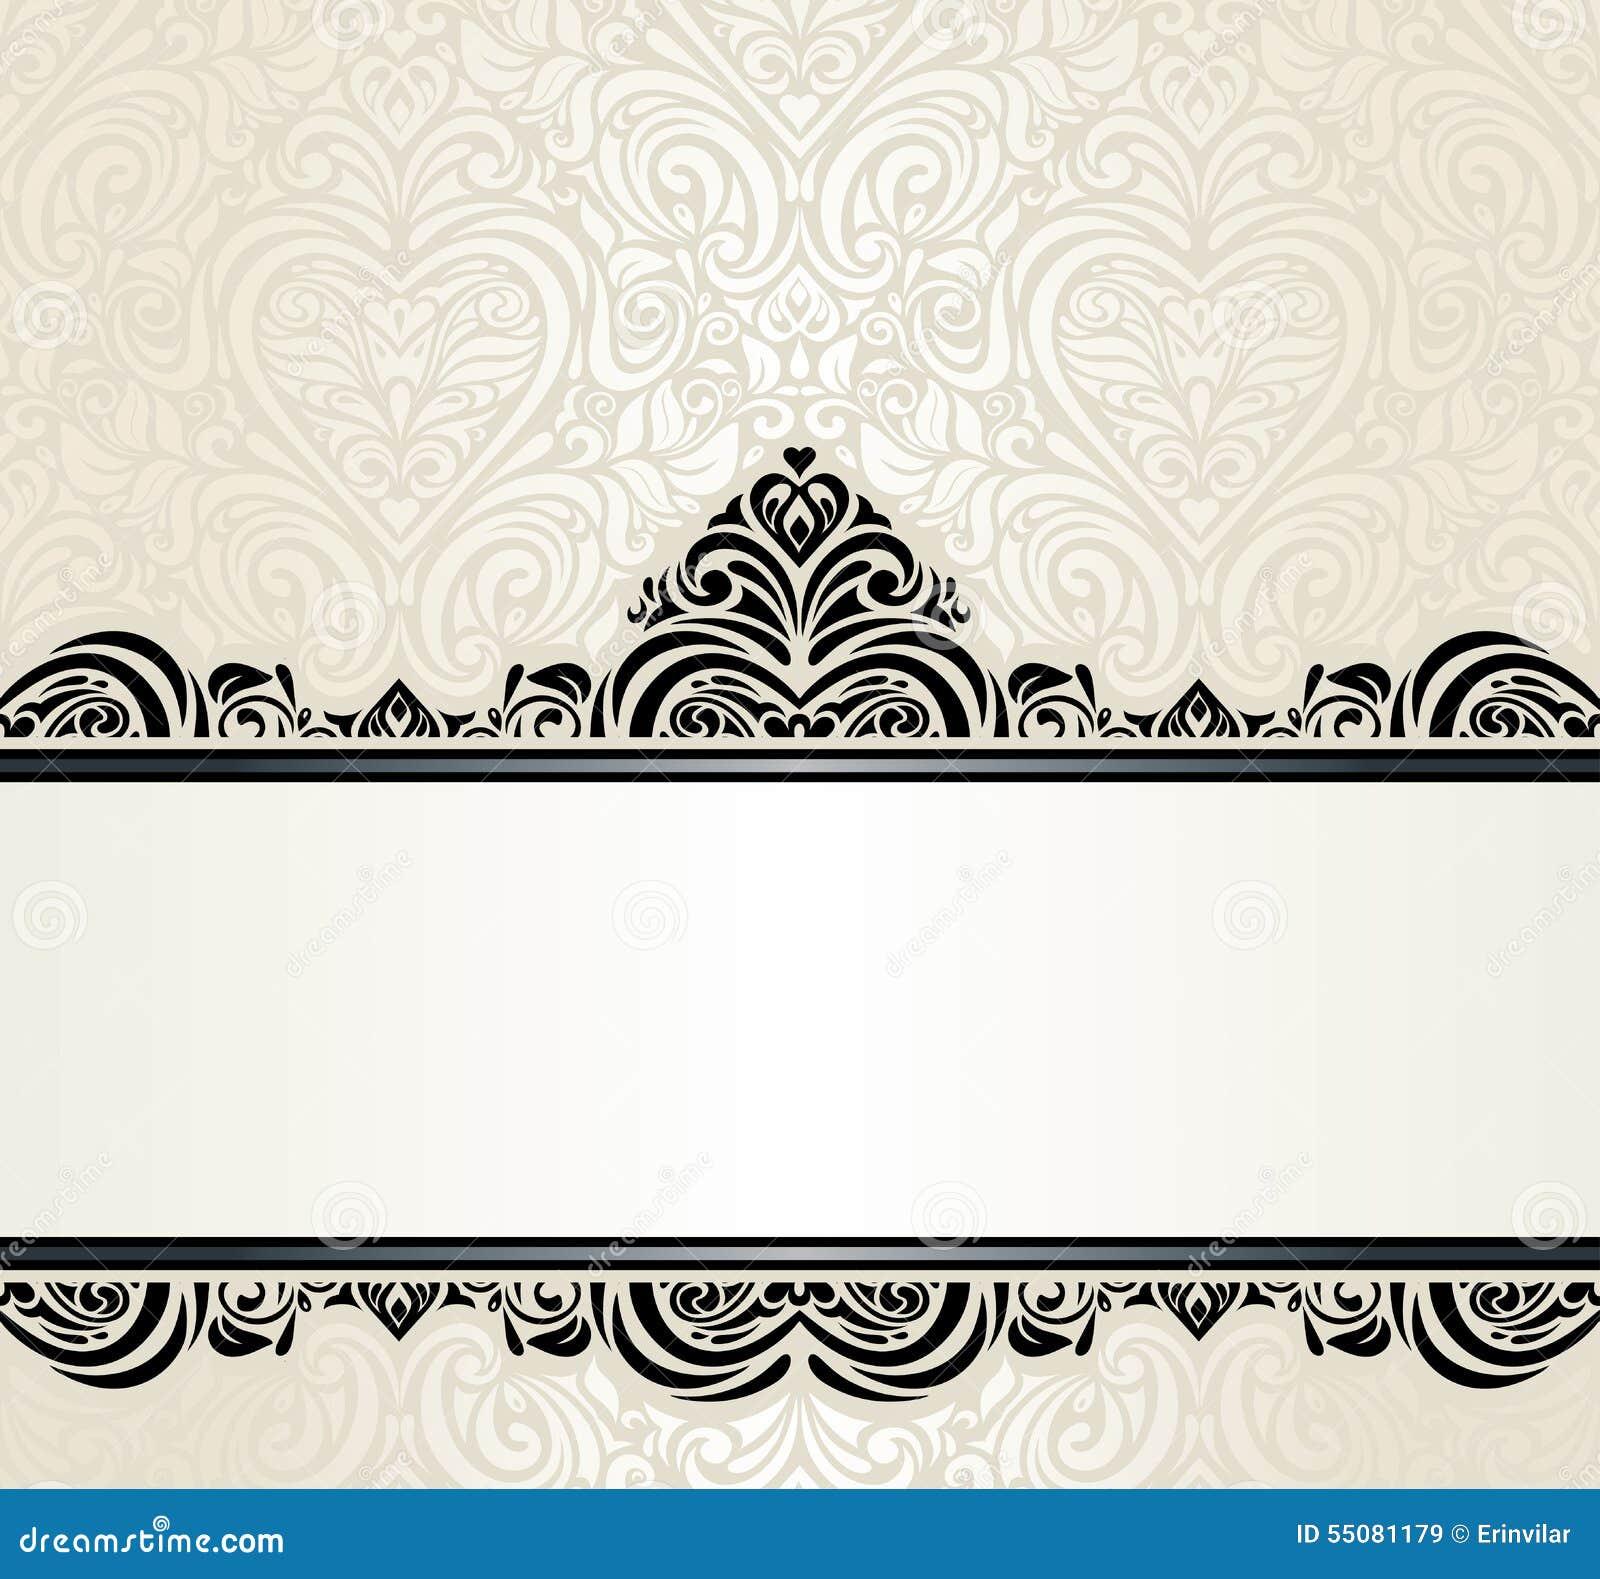 black wedding backgrounds - photo #29